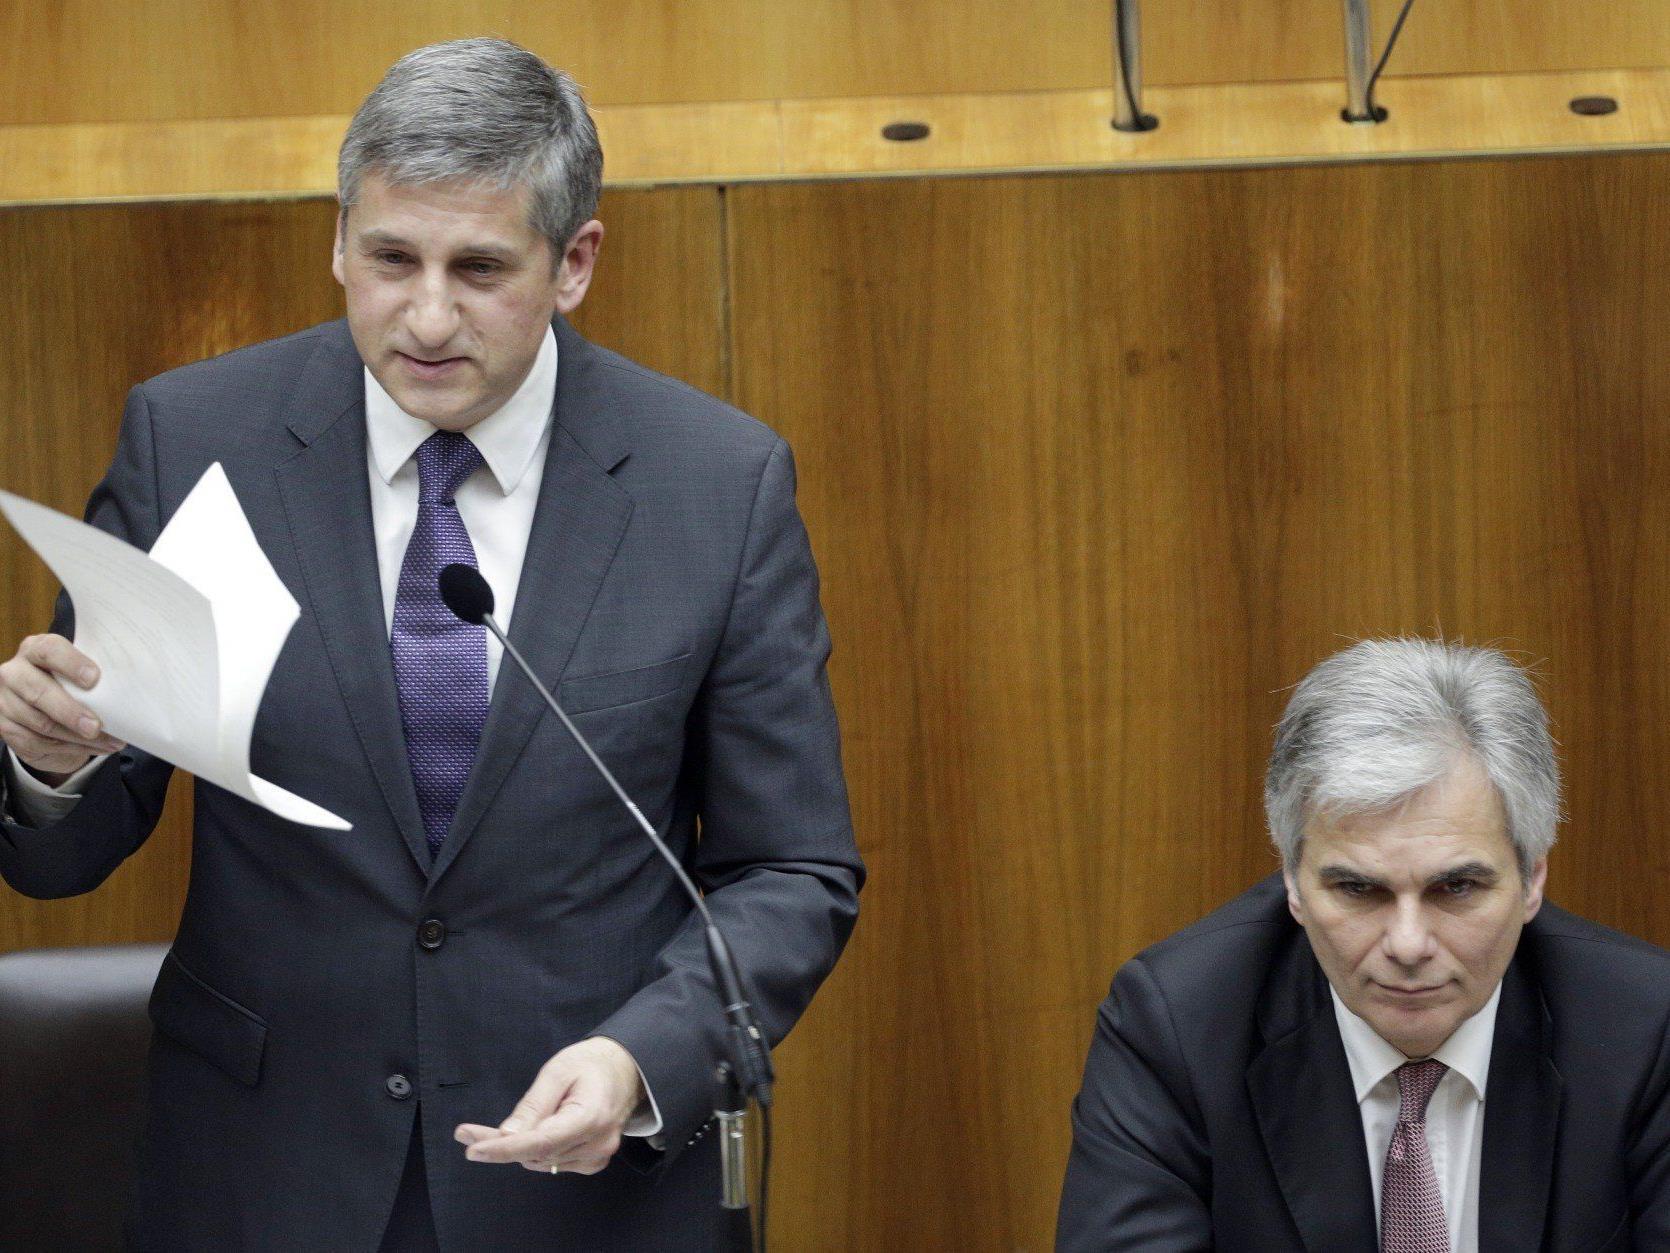 Regierungsparteien schmetterten Anträge der Opposition ab.